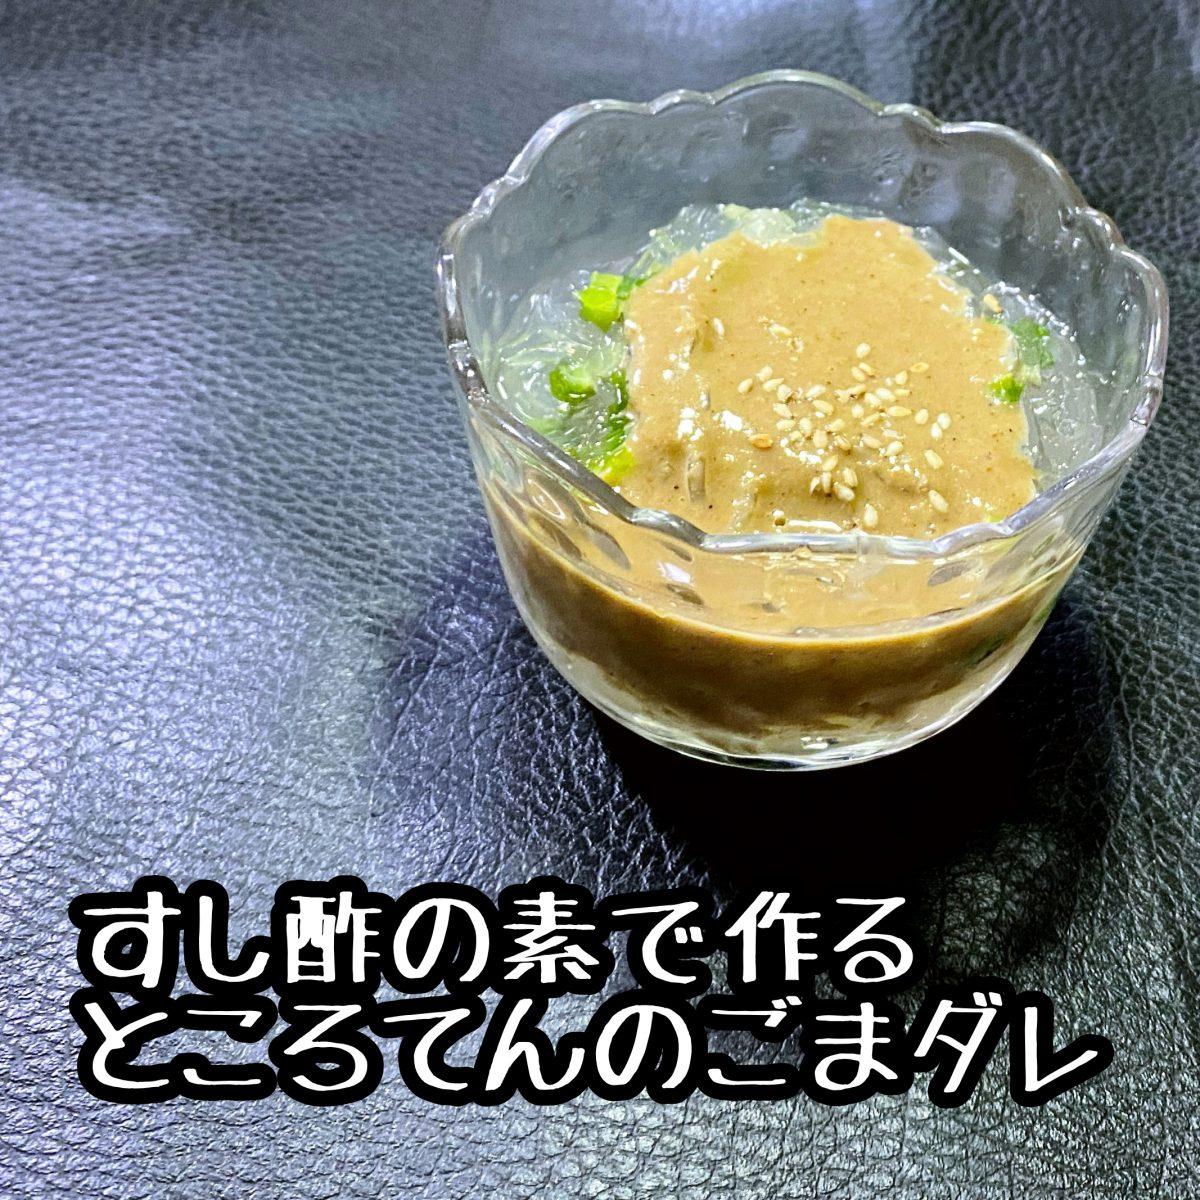 【すし酢の素で】ごま味だれのところてん作り方